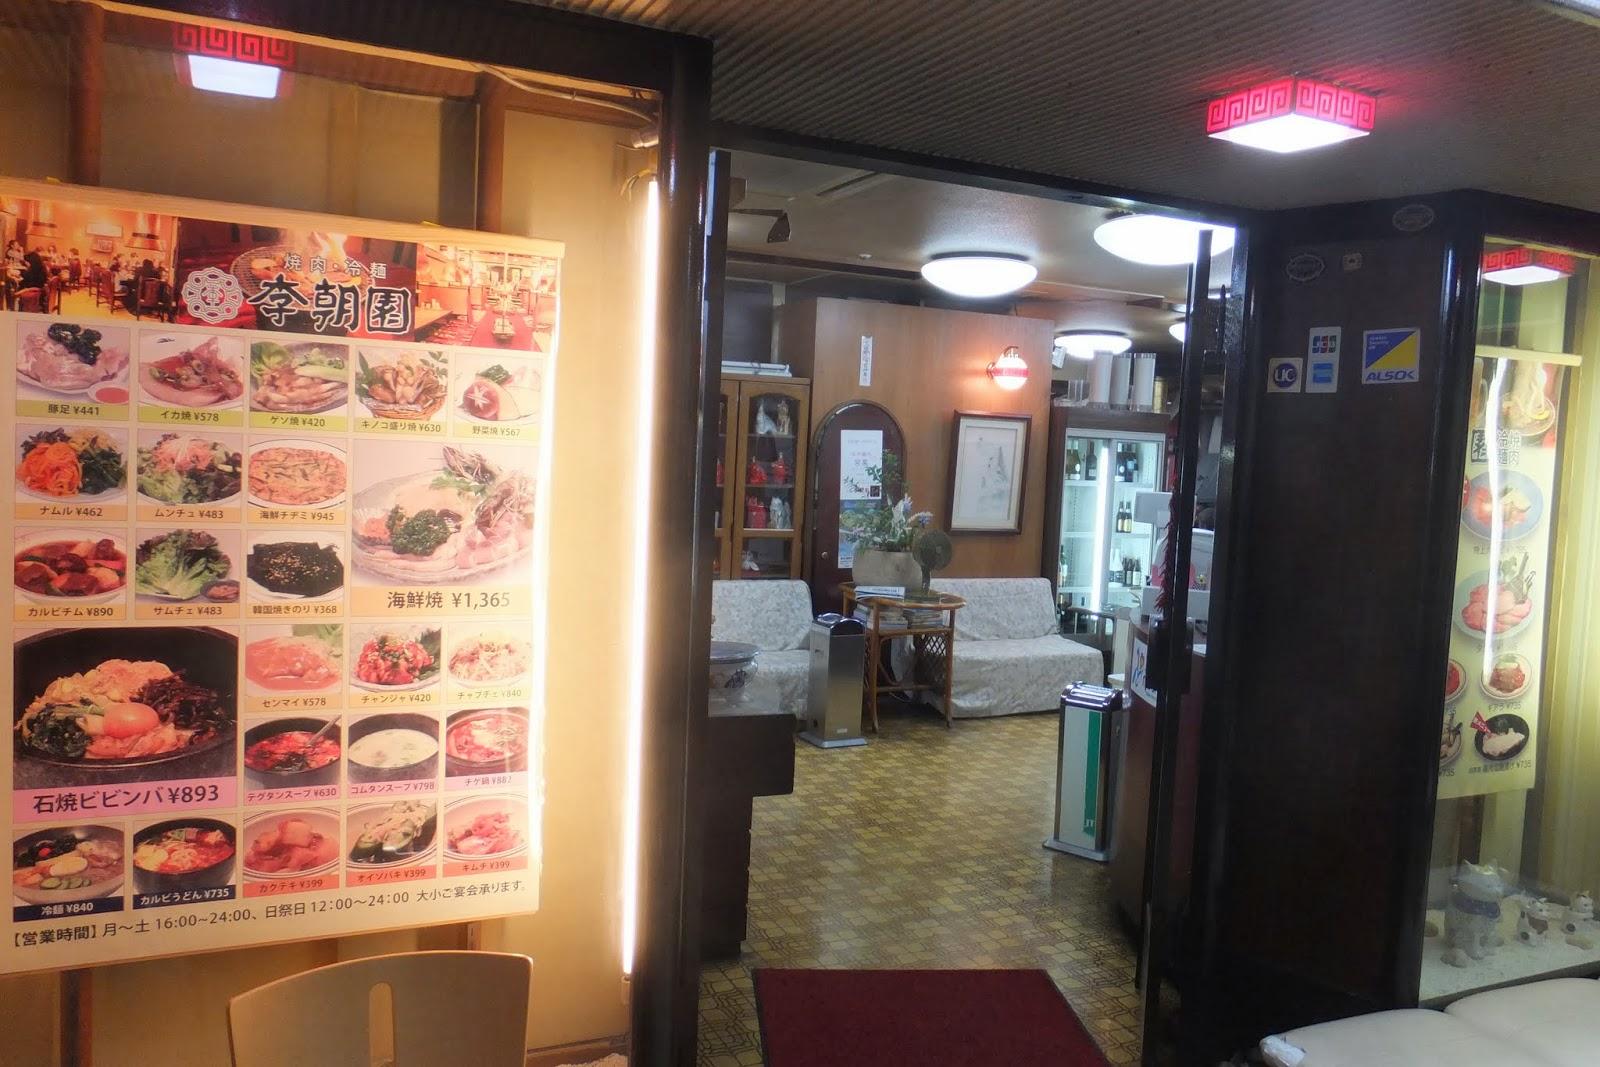 richoen-outside 吉祥寺李朝園店先